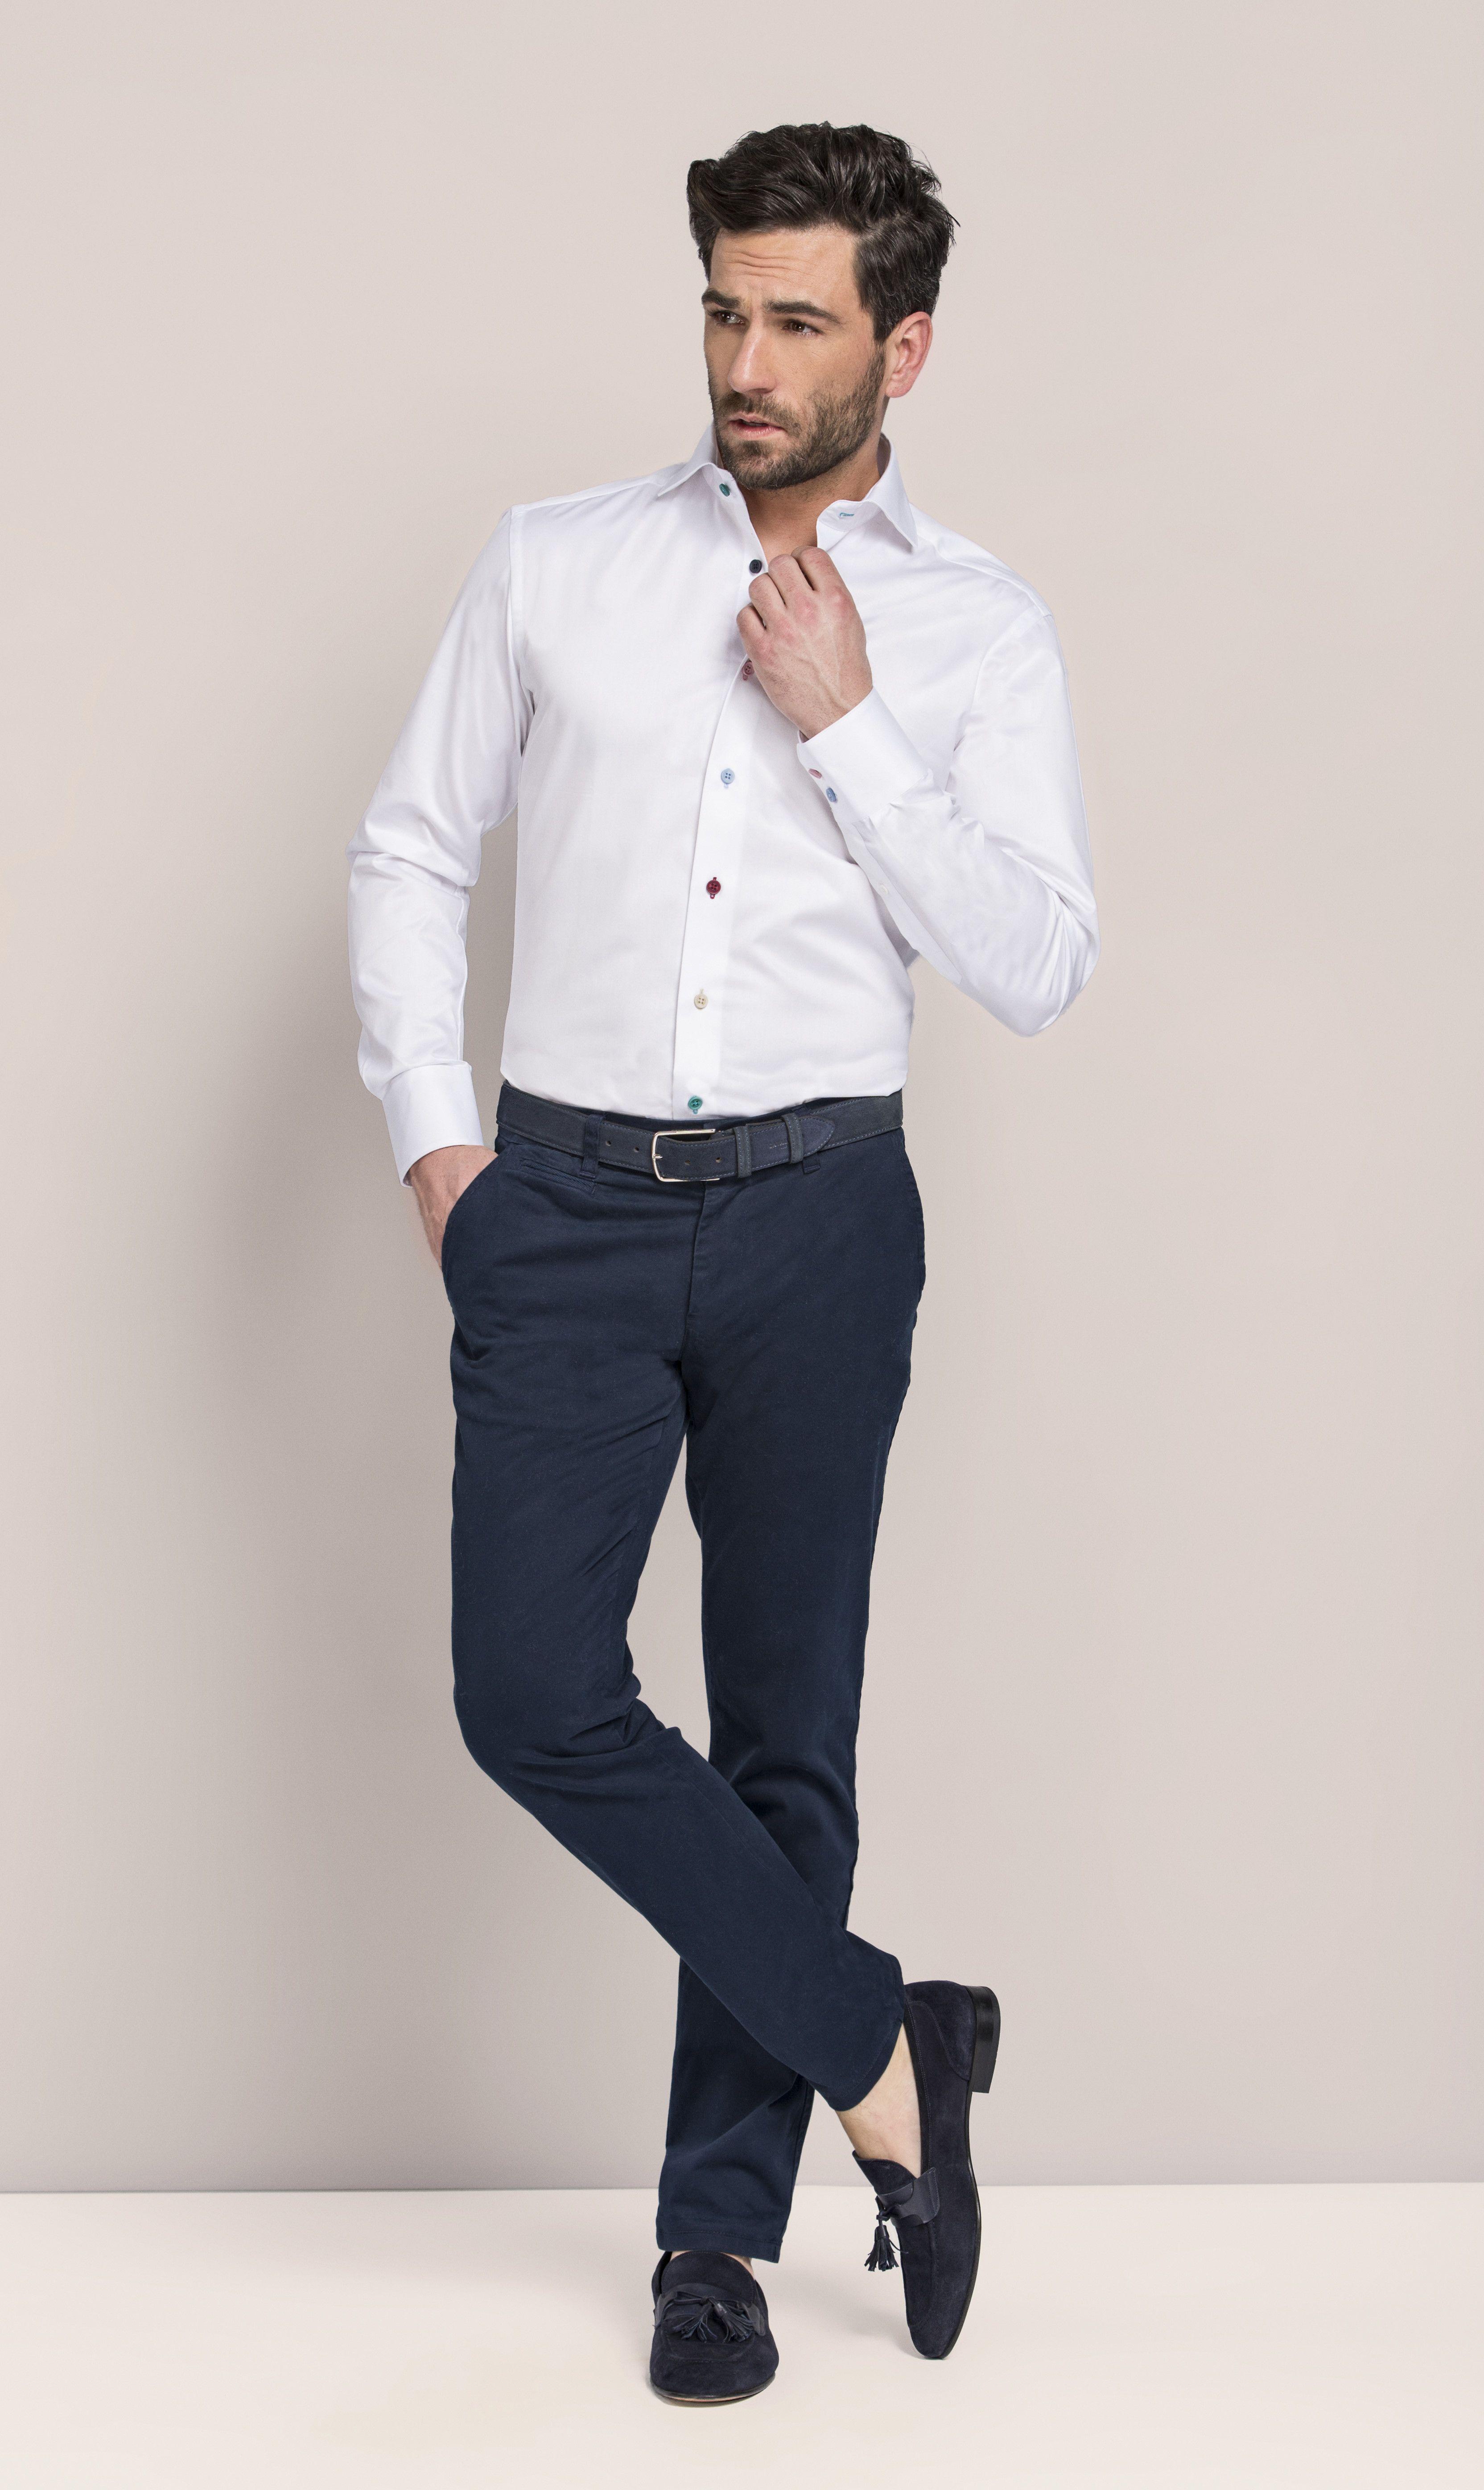 02615362a Look masculino com camisa social branca e calça azul marinho ...